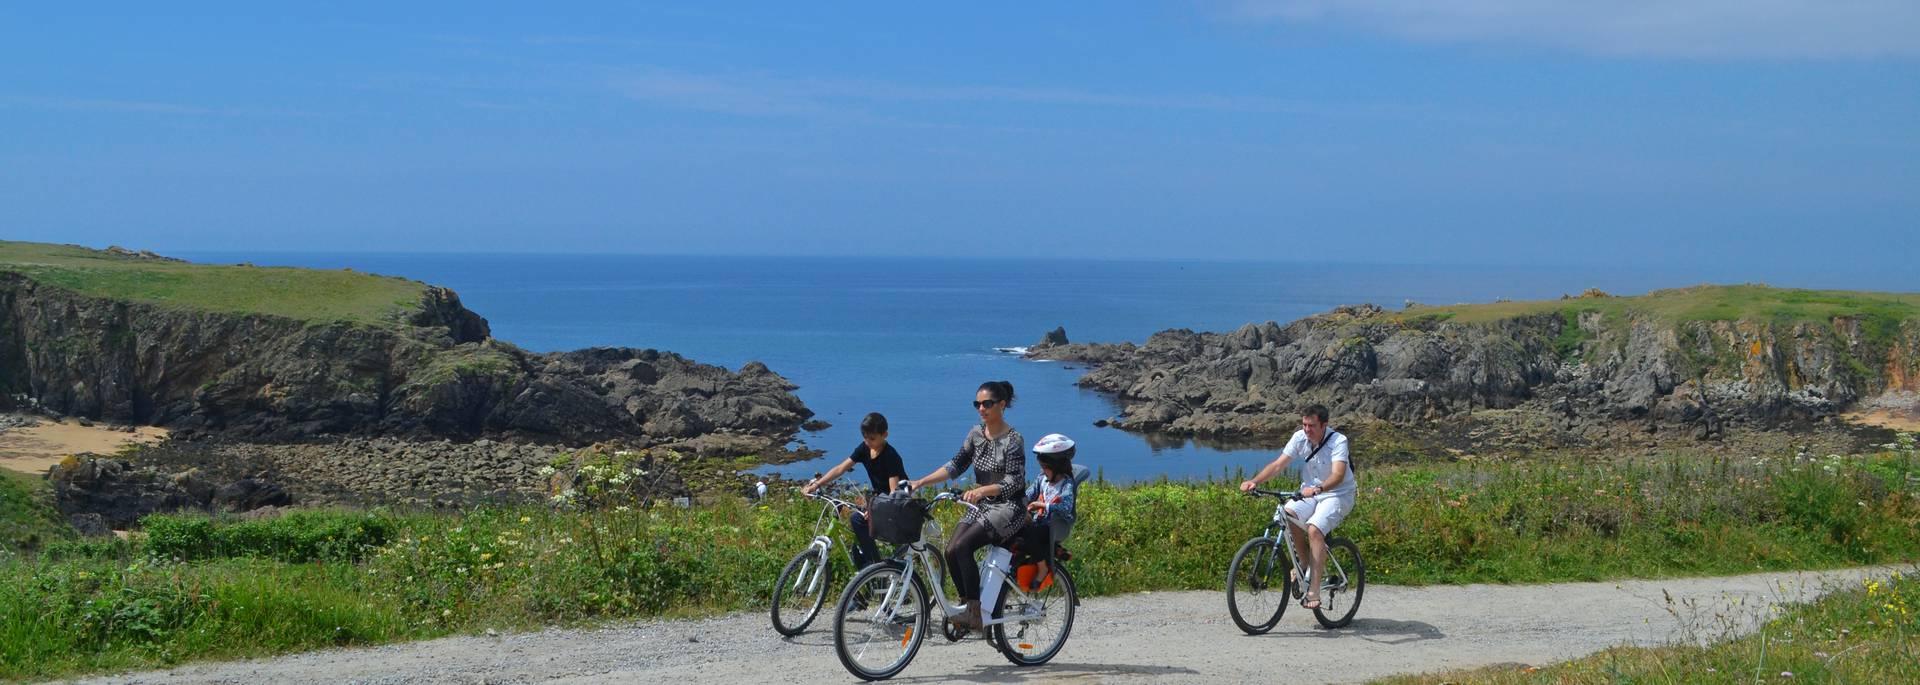 Bike ride in on teh rocky coast Ile d'Yeu